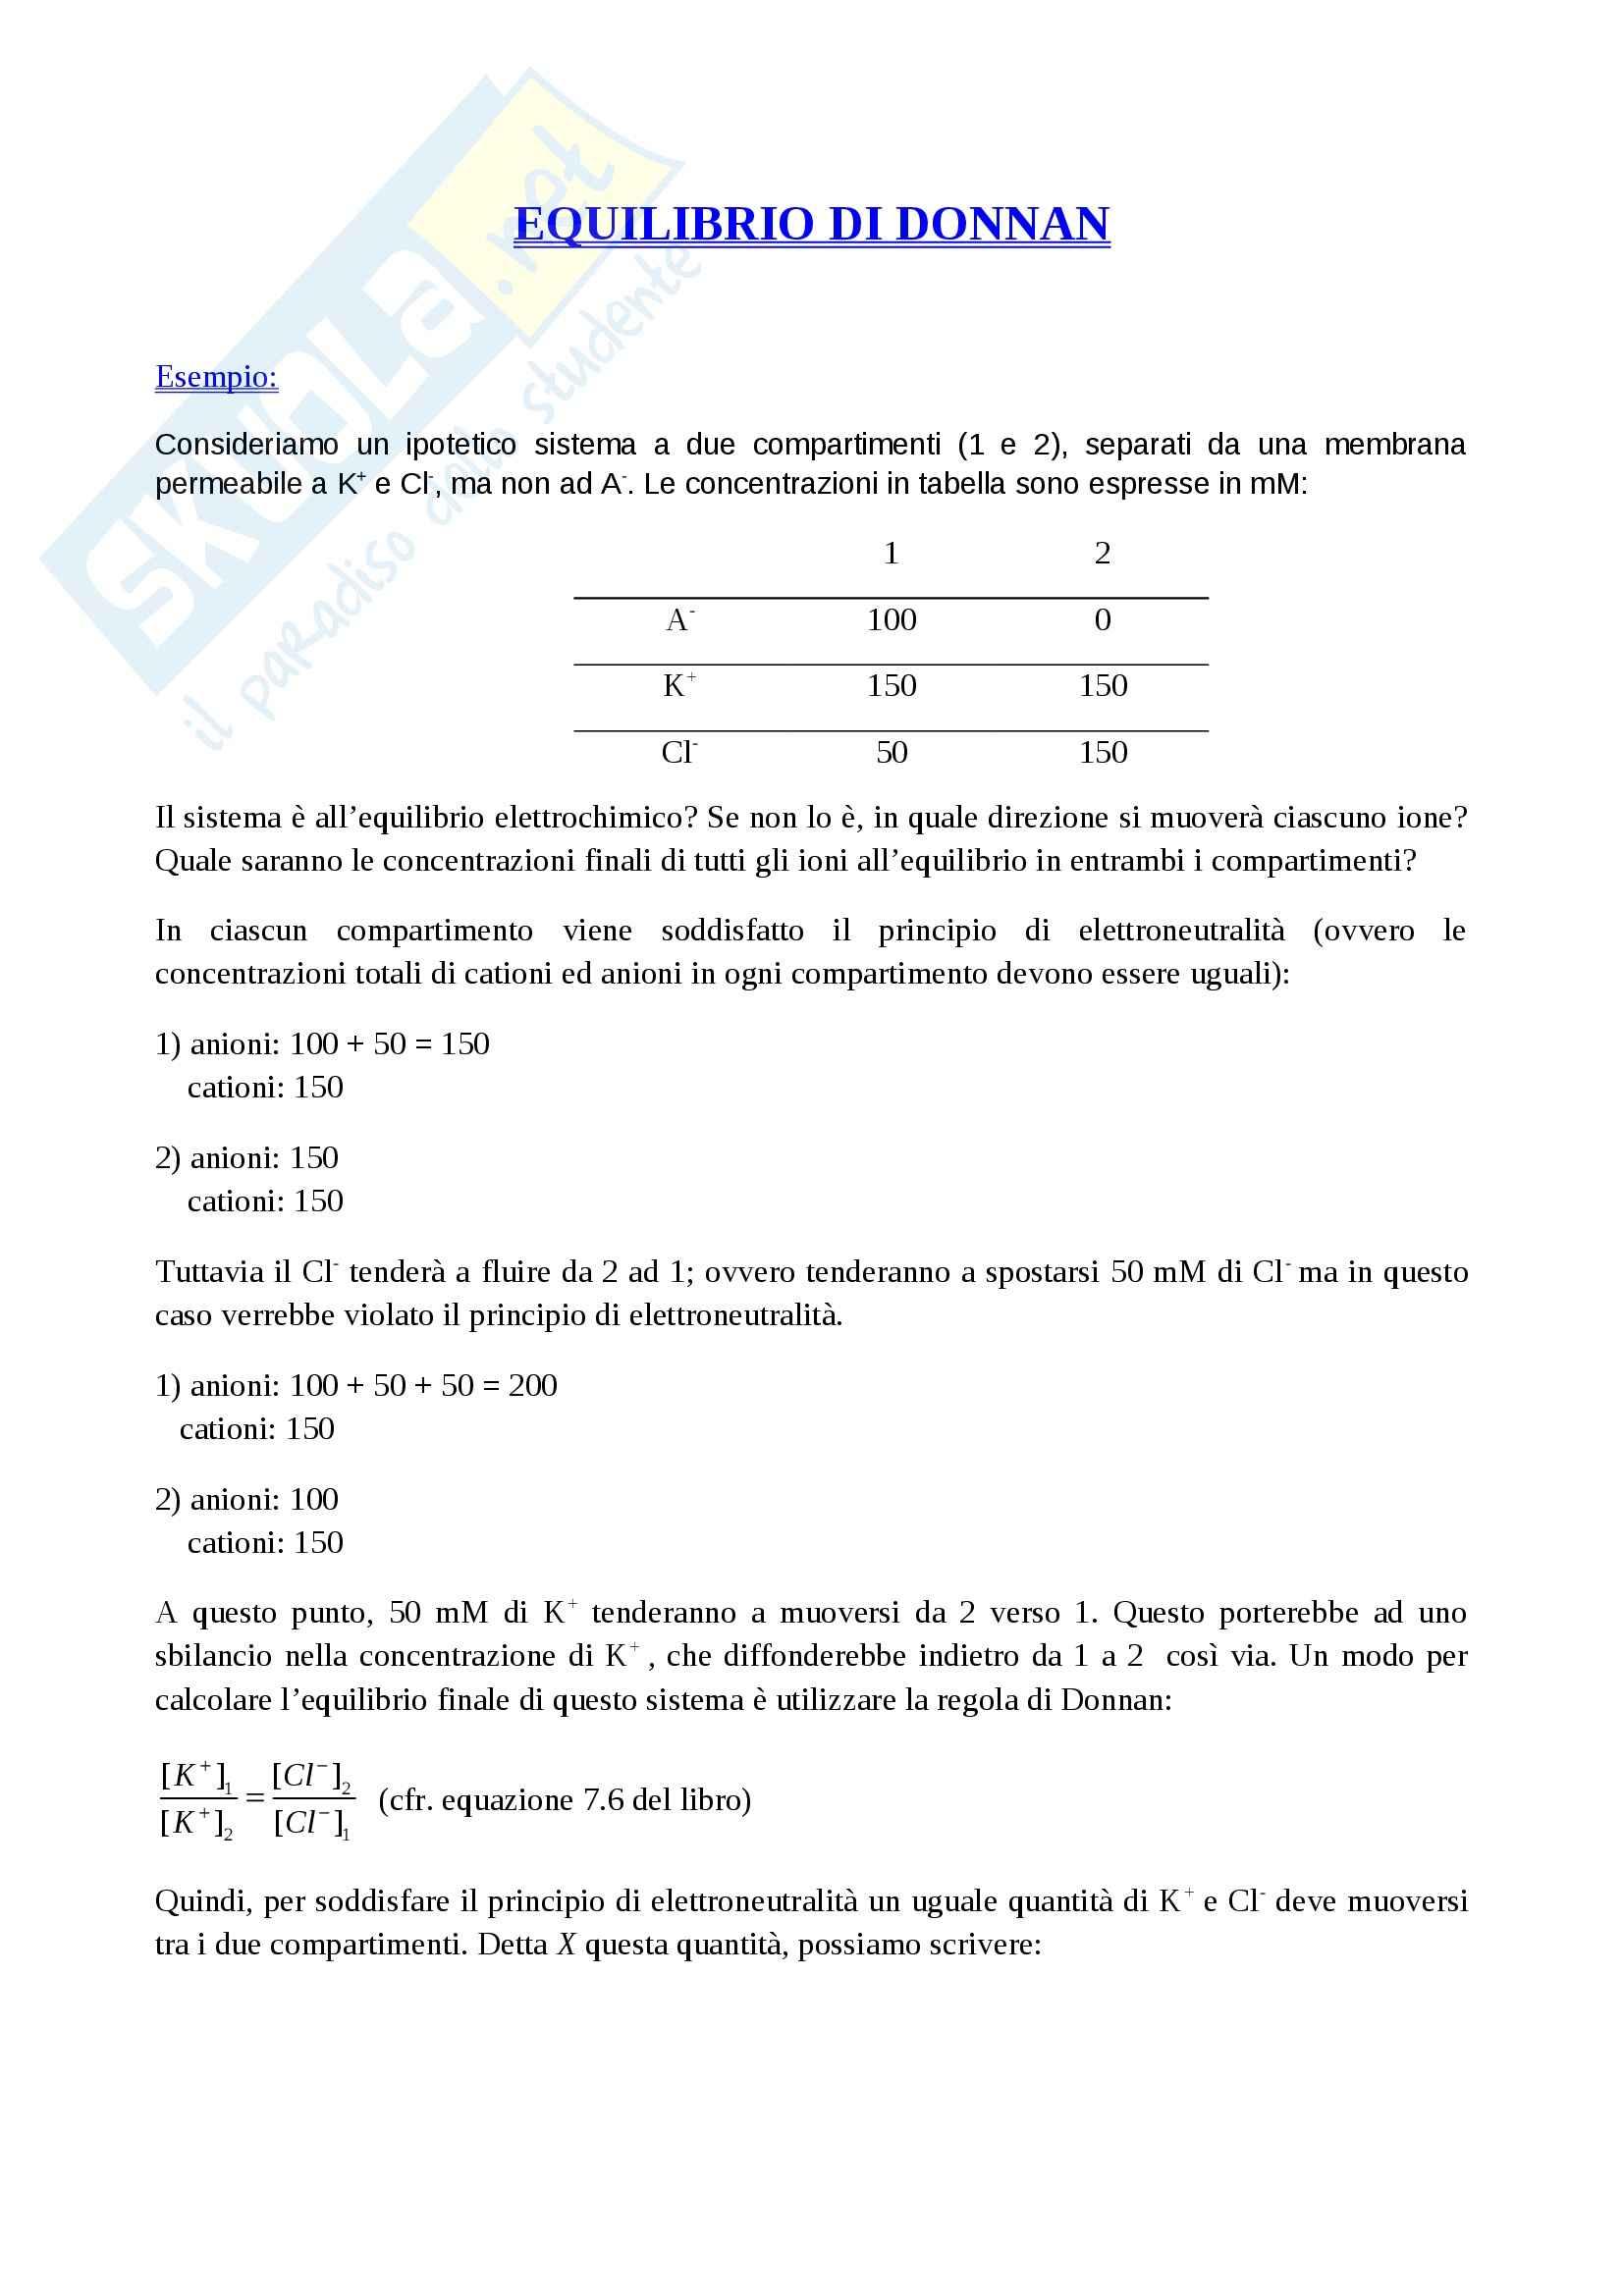 Fisiologia cellulare - esercizi Pag. 2